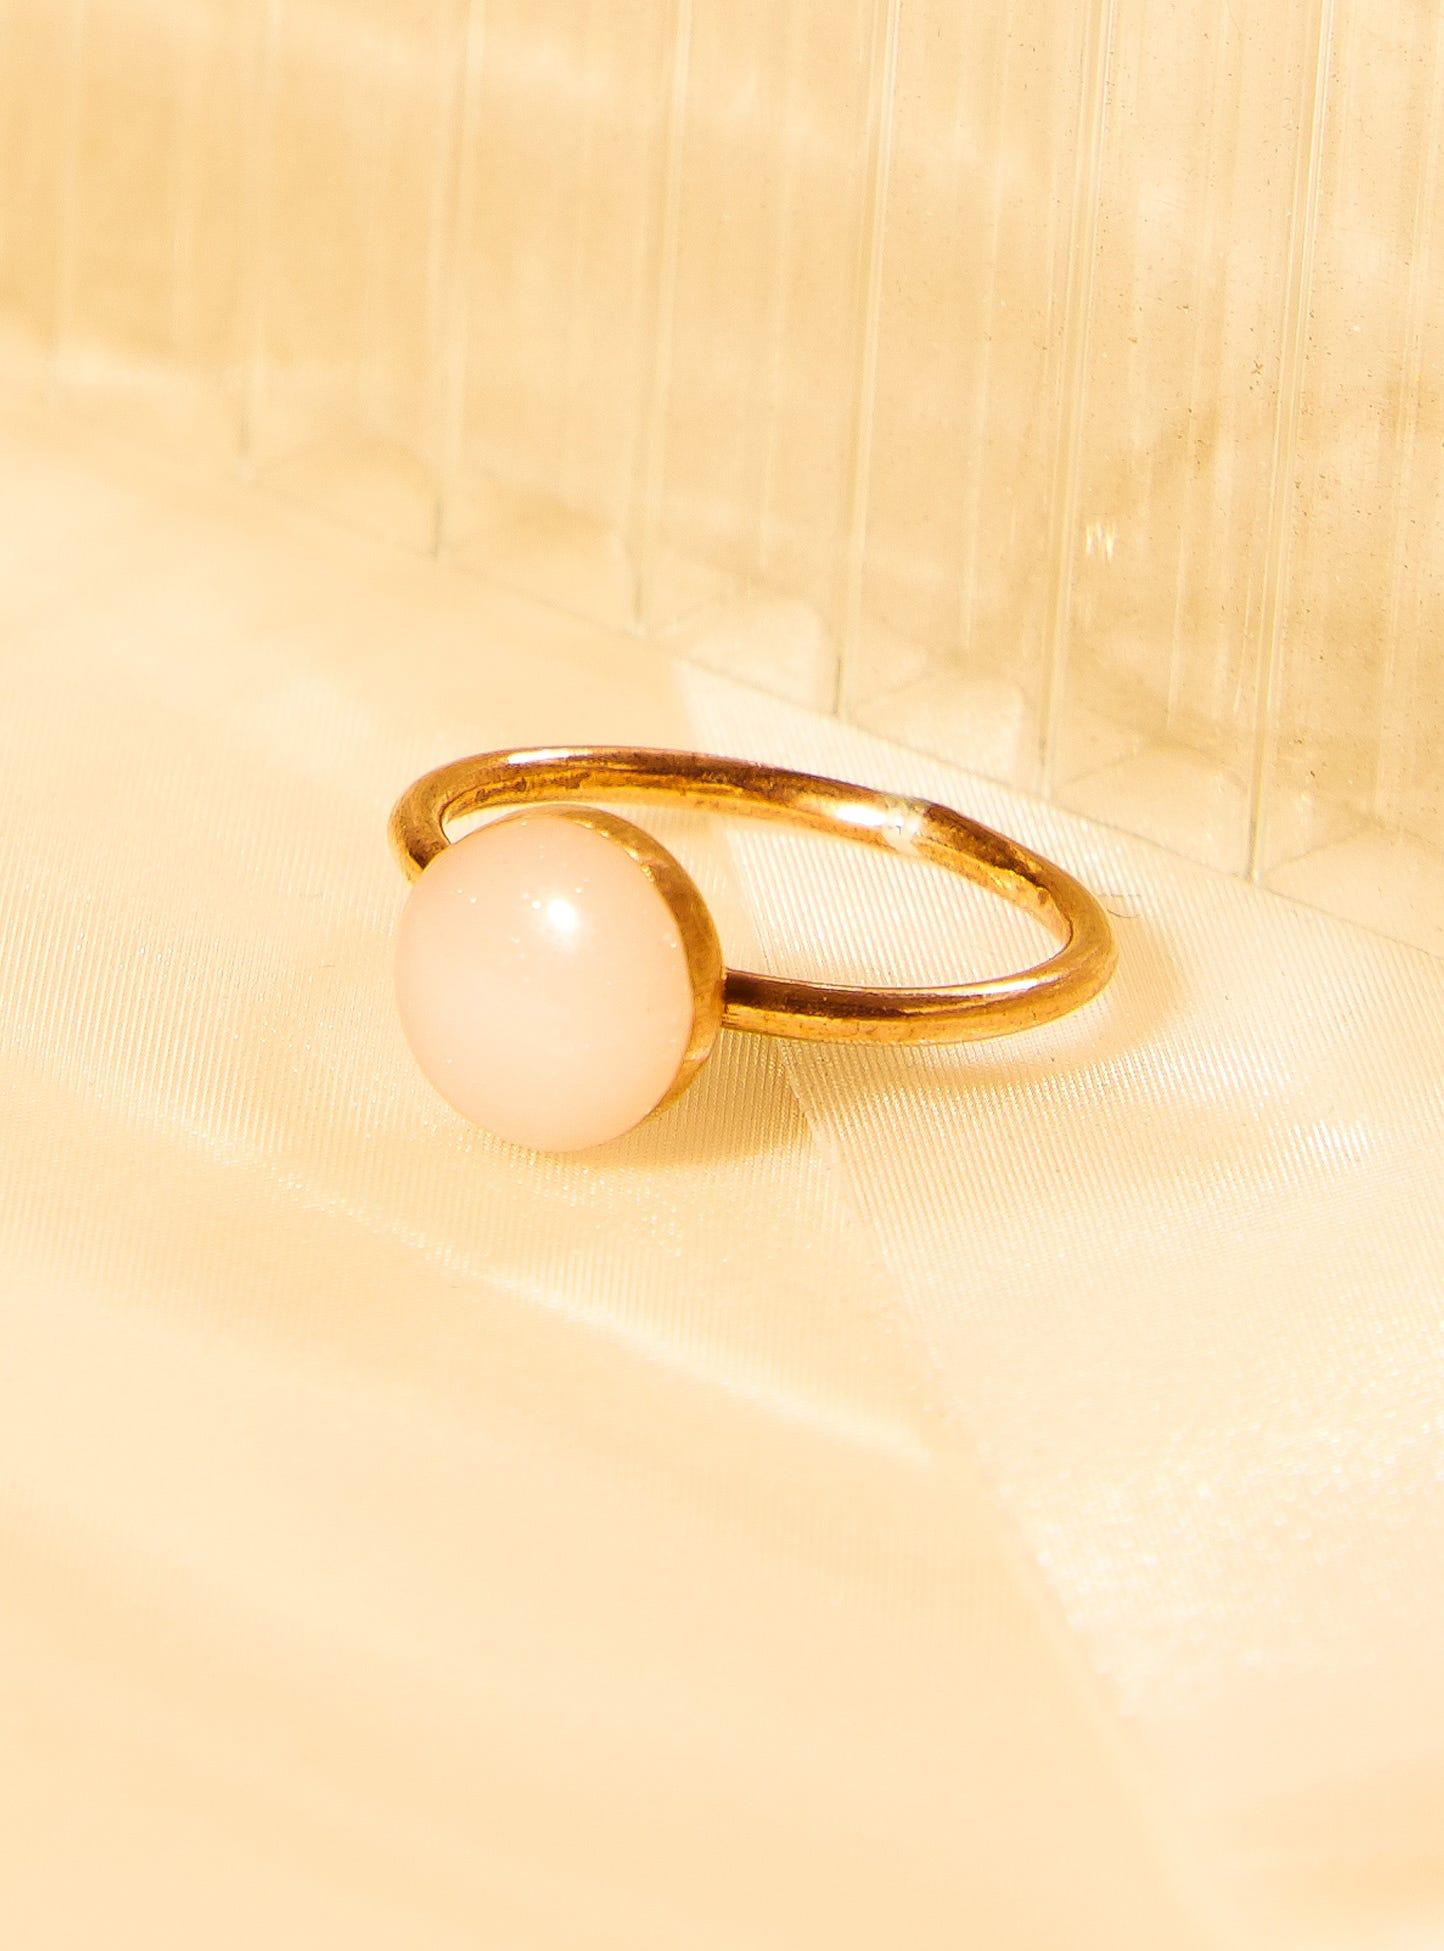 Keepsake Jewelry DNA Hair Breast Milk Rings Mementos